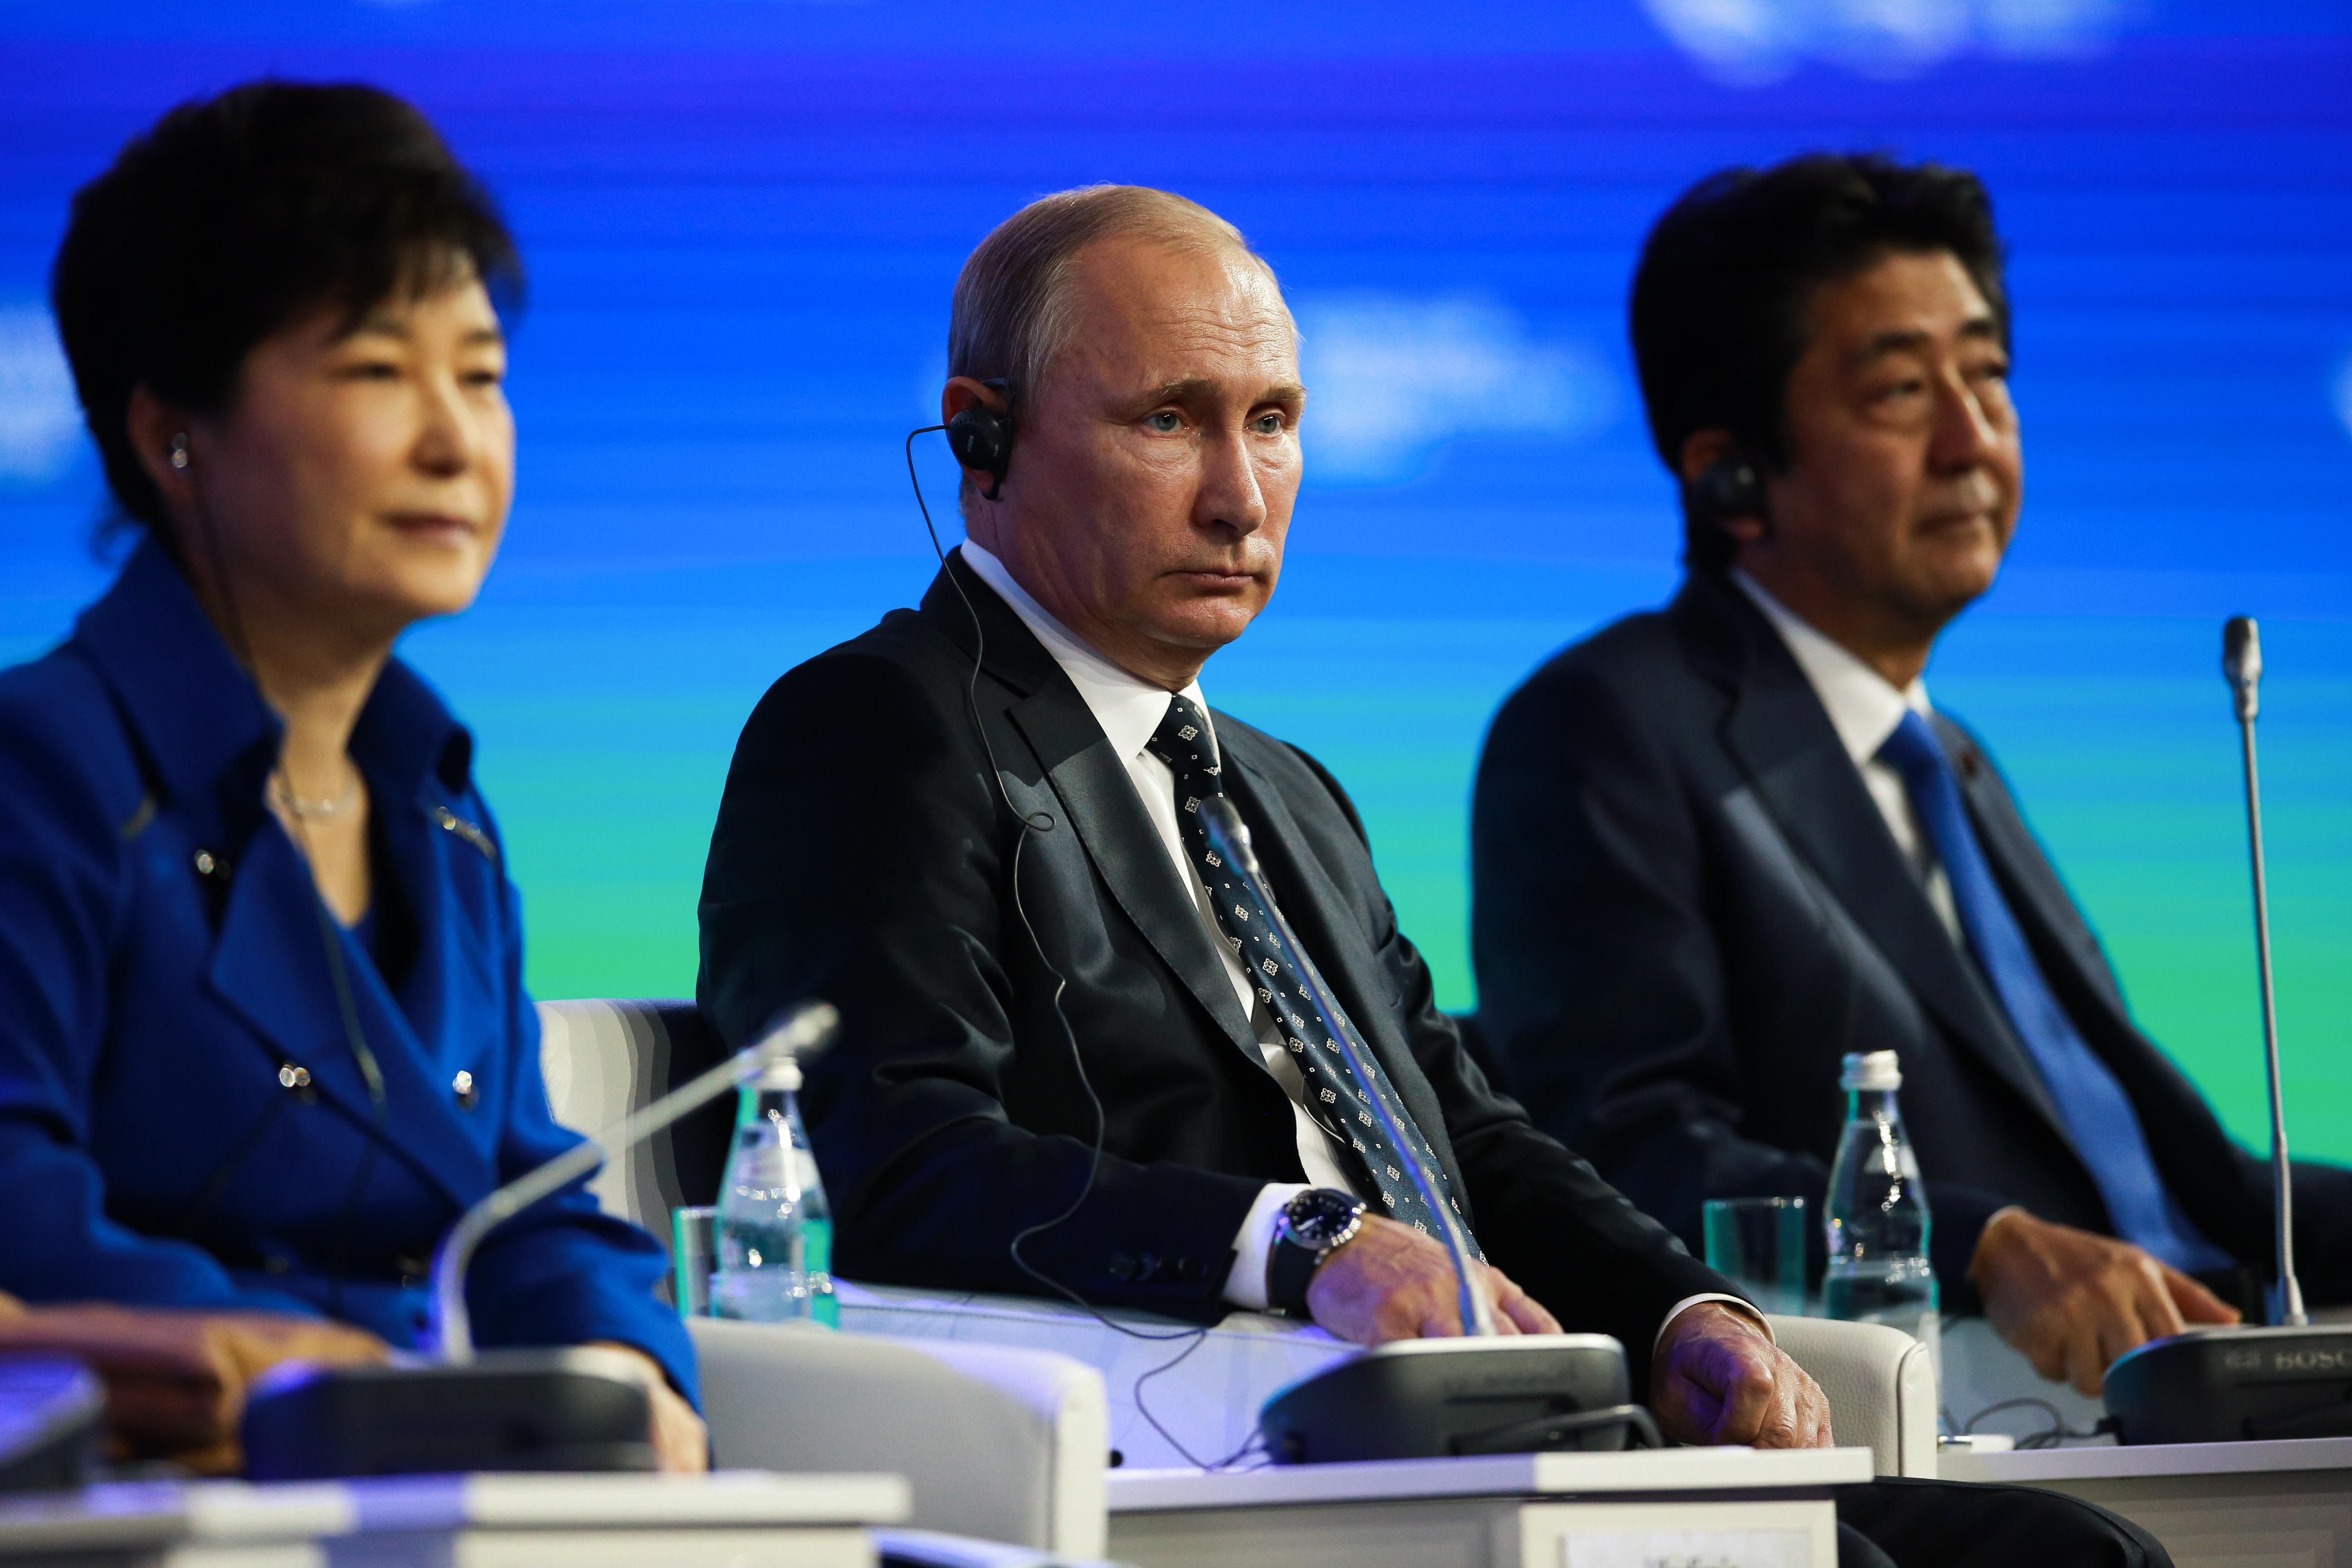 박근혜 대통령(왼쪽부터), 아베 신조 일본 총리, 러시아 블라디미르 푸틴 대통령이 9월 3일 러시아 블라디보스토크 극동연방대학에서 개최된 동방경제포럼(EEF) 전체세션에서 질문에 답하고 있는 모습.